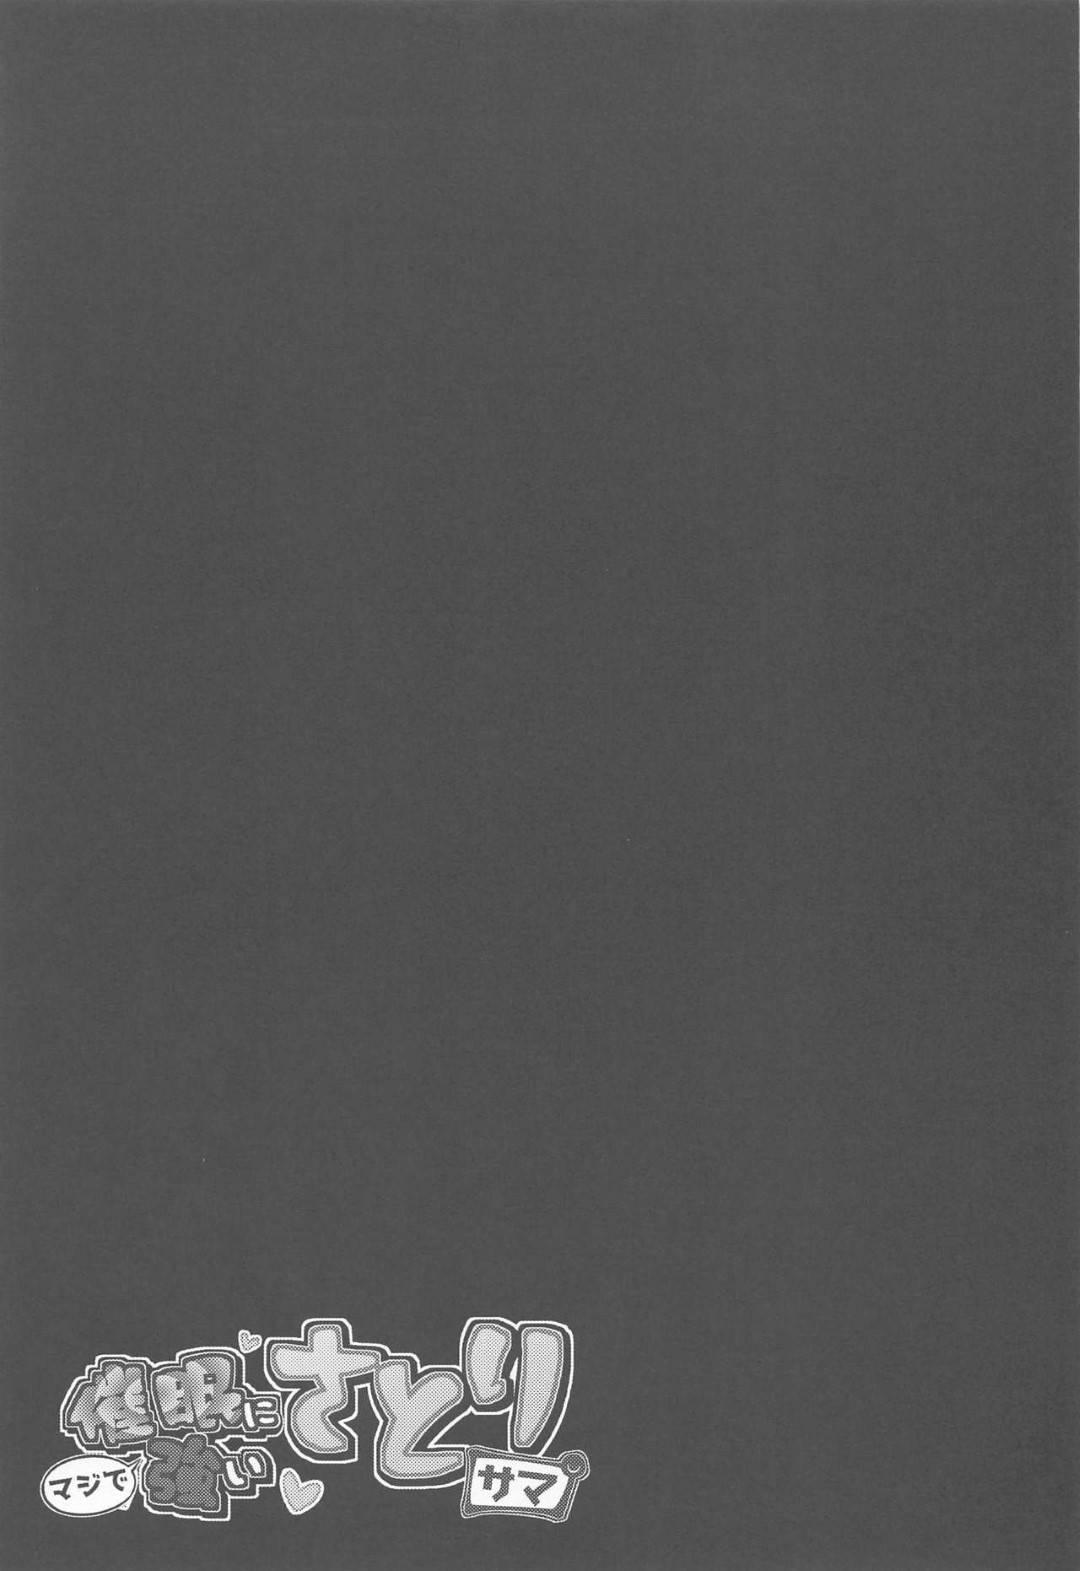 【エロ漫画】催眠をかけられた仲間を助けるべく、変態男と対峙したサトリ…彼女も同様に催眠をかけられる事になるが、催眠に耐性ある彼女は完全に催眠にかかる事なく、男にチンポで快楽堕ちさせられる事となる。【芋。:催眠にマジで強いさとりサマ】